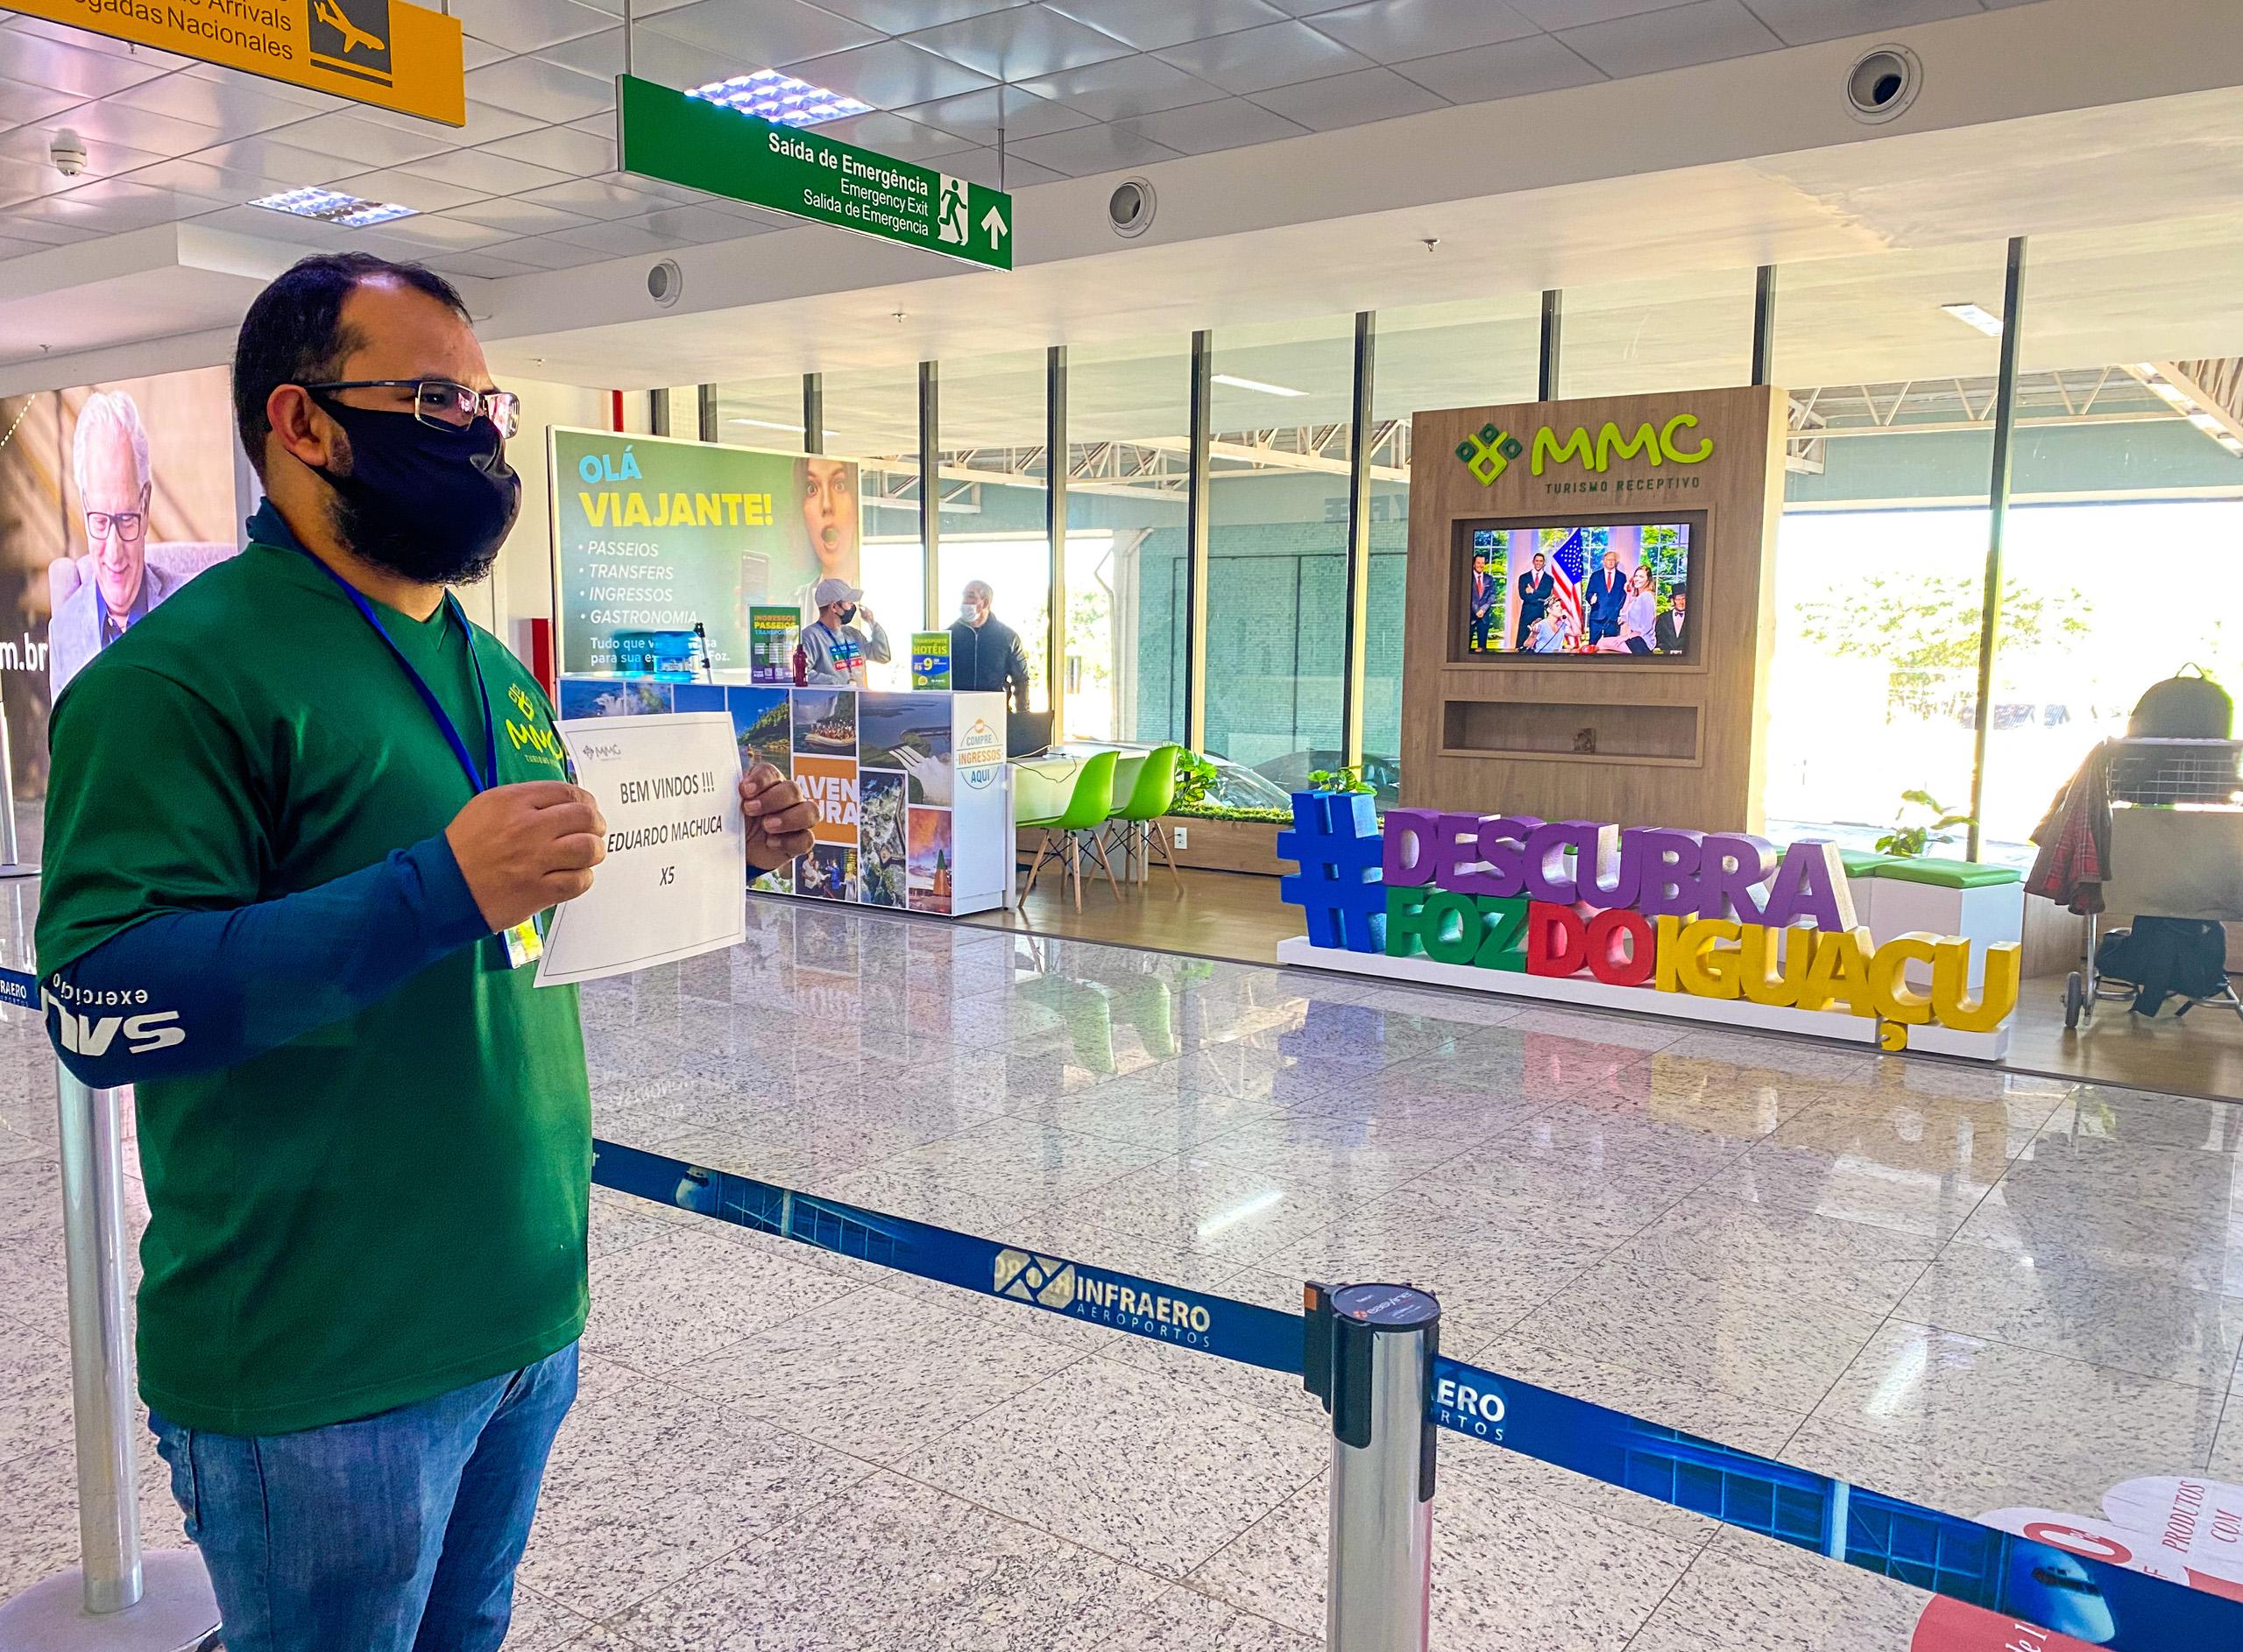 Chegando em Foz do Iguaçu com grande estilo.